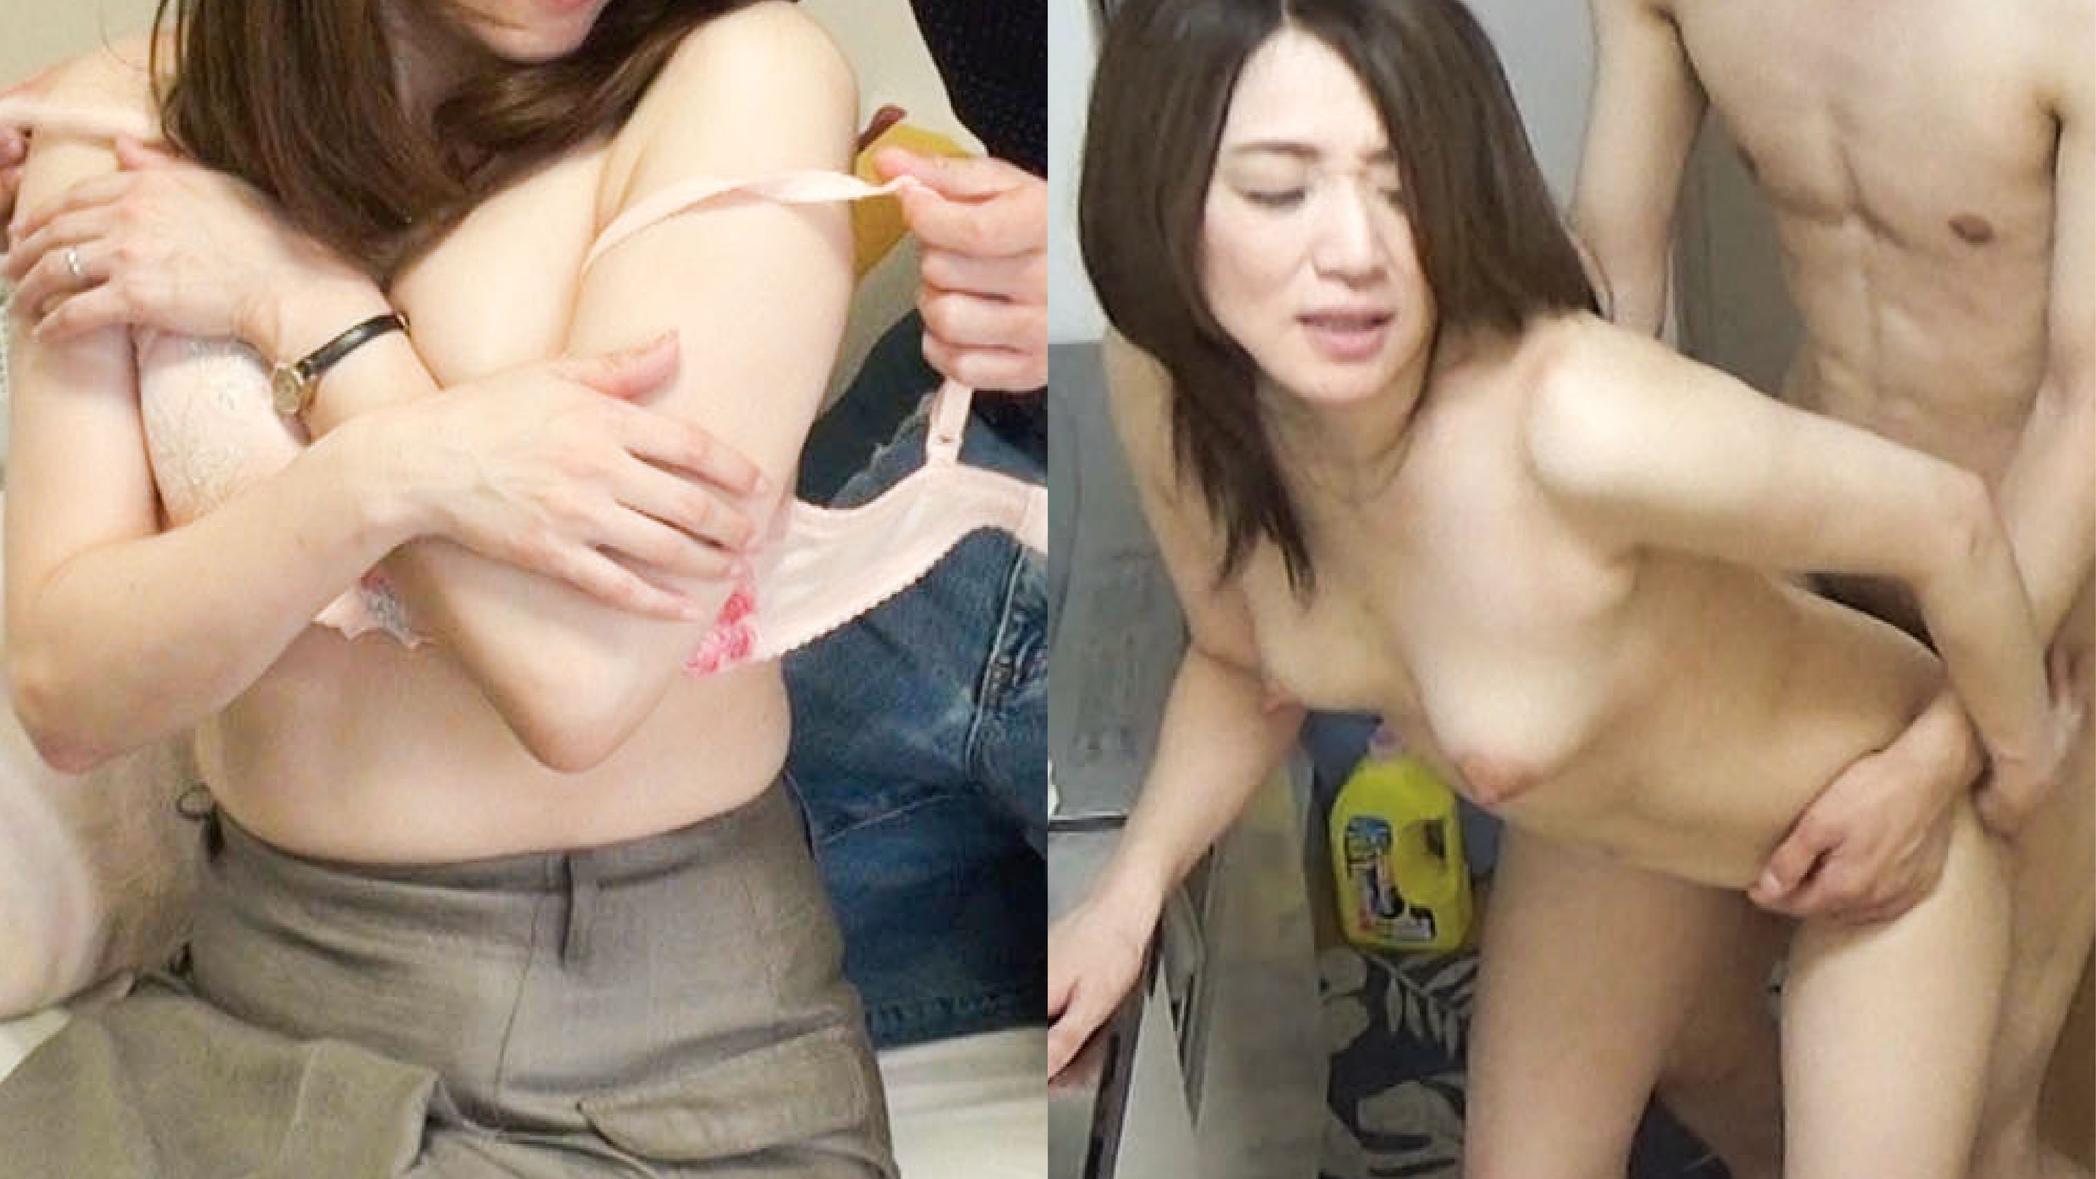 レンタル熟女のお仕事~夫の知らない妻の裏の顔 file NO.35~